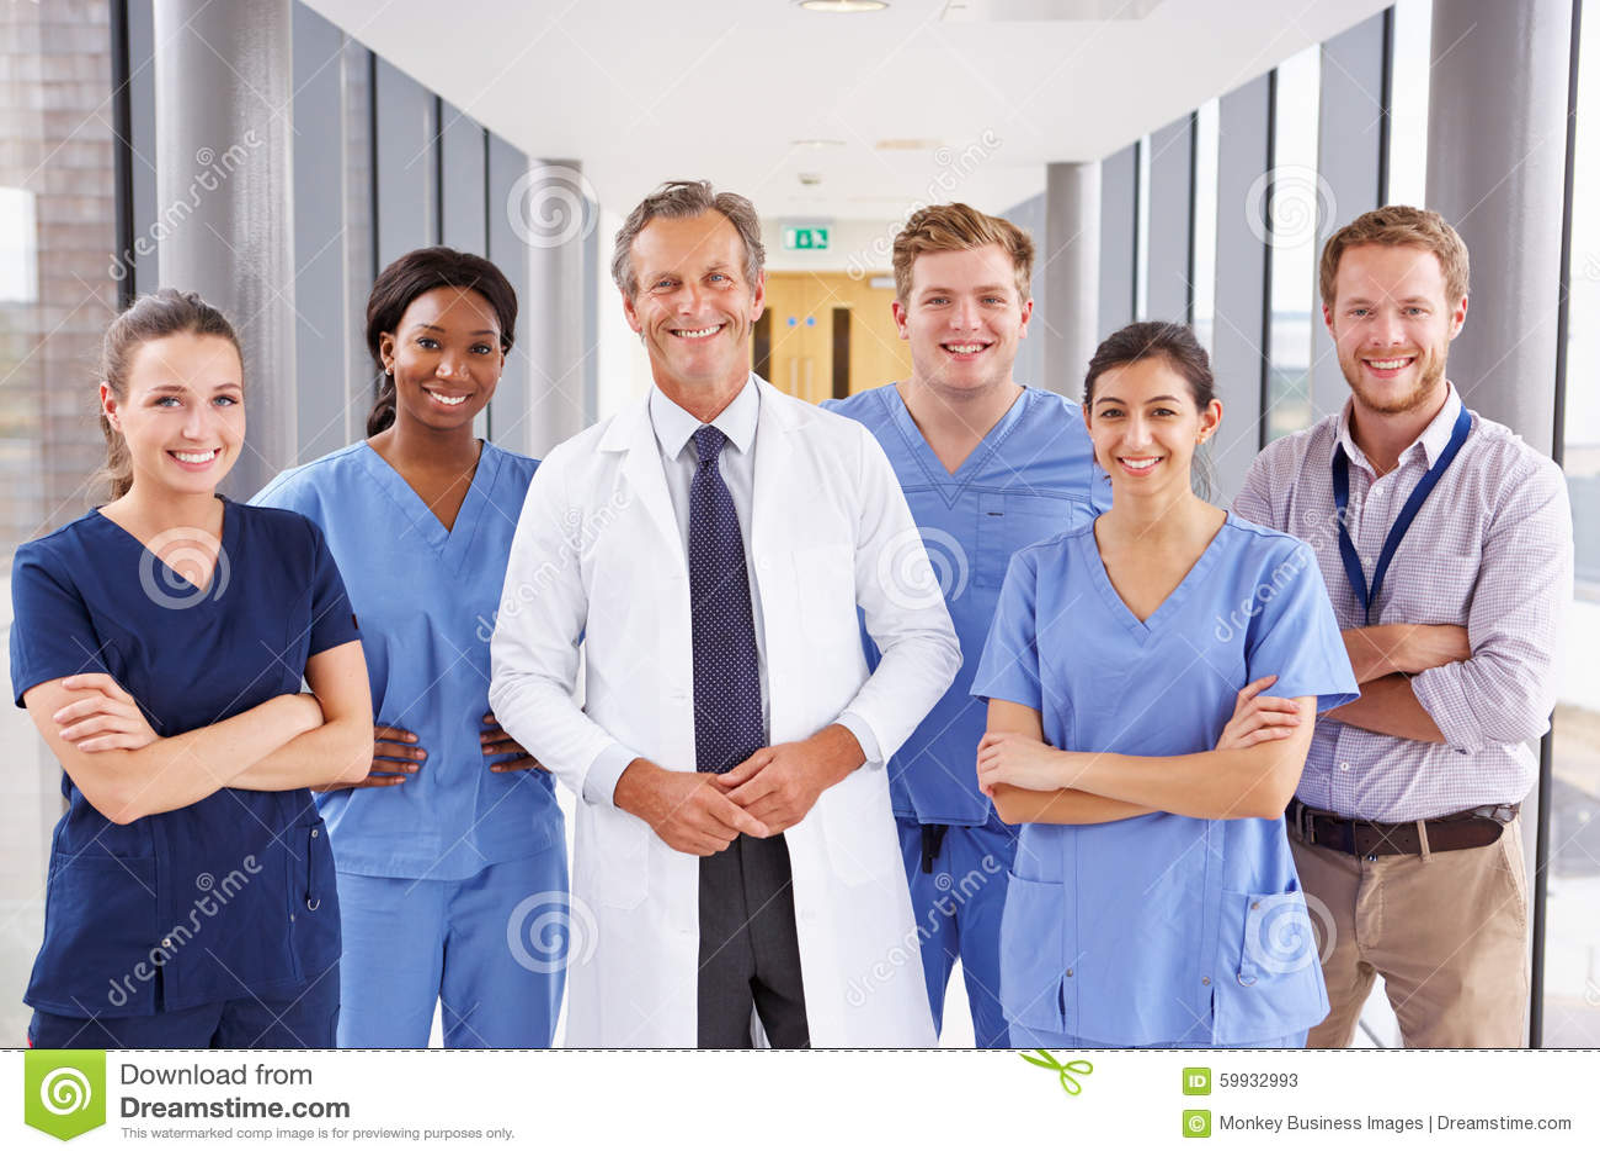 Stående av medicinska Team Standing In Hospital Corridor